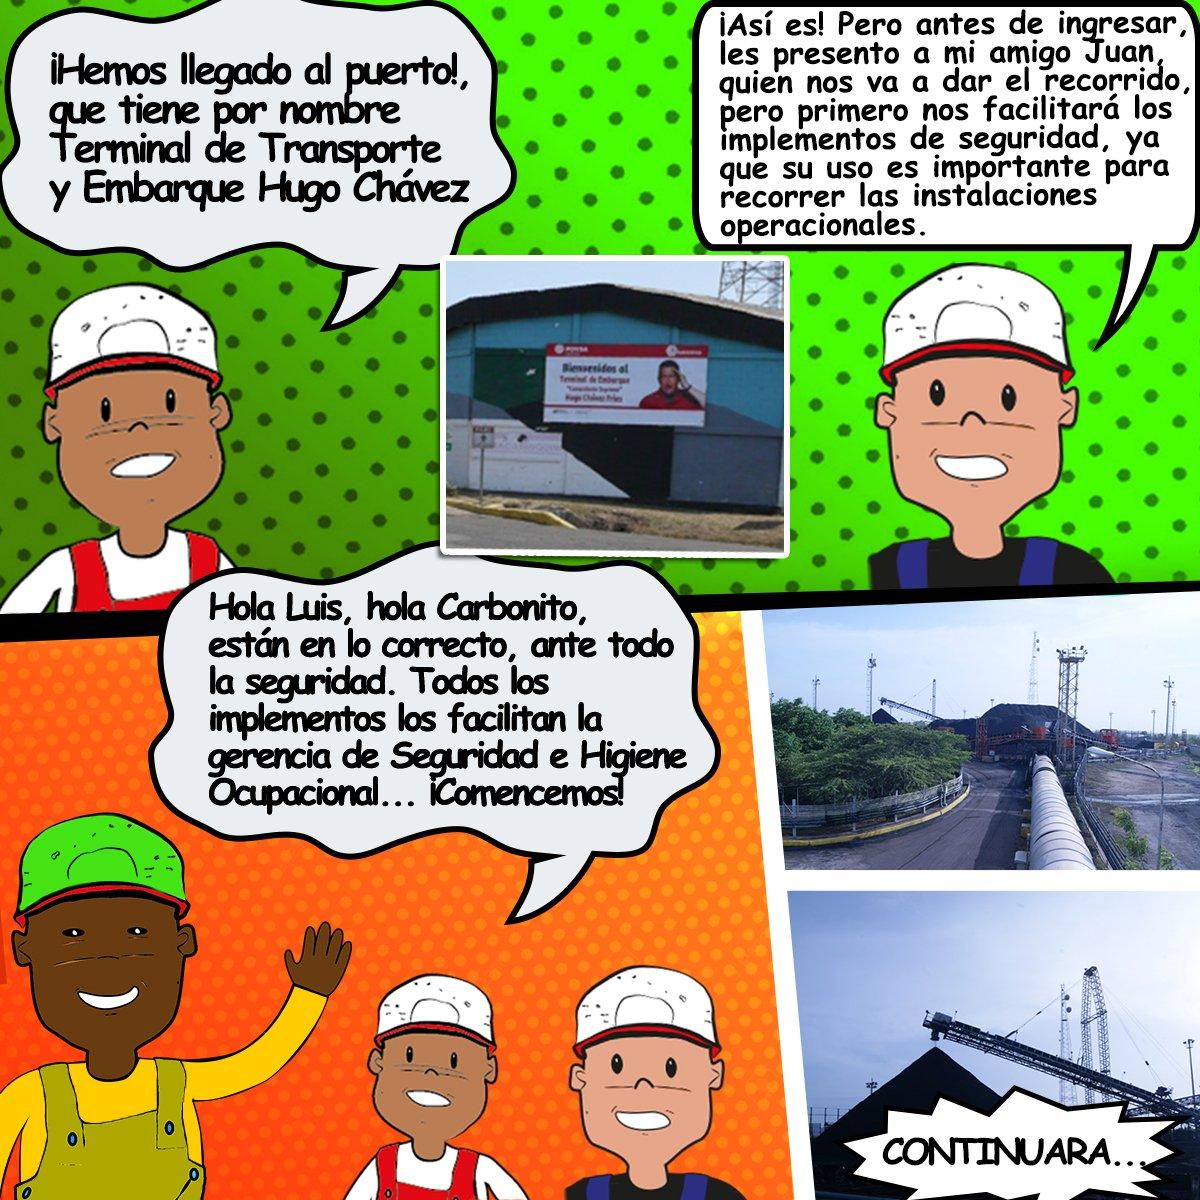 #JuevesDeCarbonito: Sigamos en el recorrido por nuestras instalaciones con #Carbonito y sus amigos… #SomosCarbozuliapic.twitter.com/U2aBfL2vL0